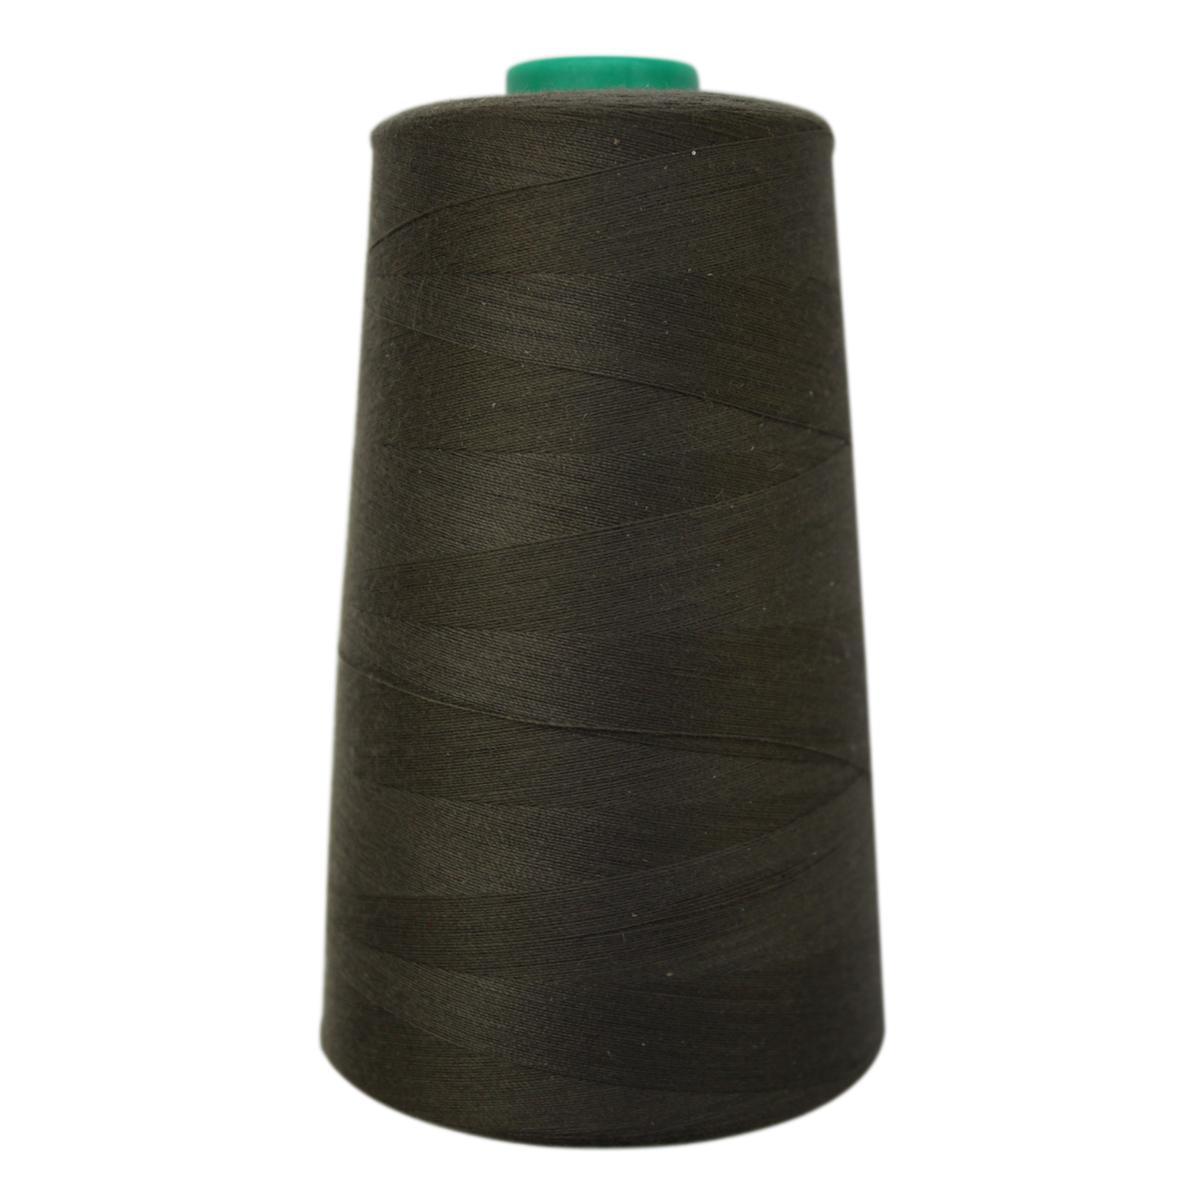 Нитки для шитья Bestex 50/2, 5000 ярд, цвет: т.болотный (345)7700936-345Сфера использования: трикотаж; ткани малого веса; оверлочные швы; отделка краев; вышивка. Размер игл №70-80